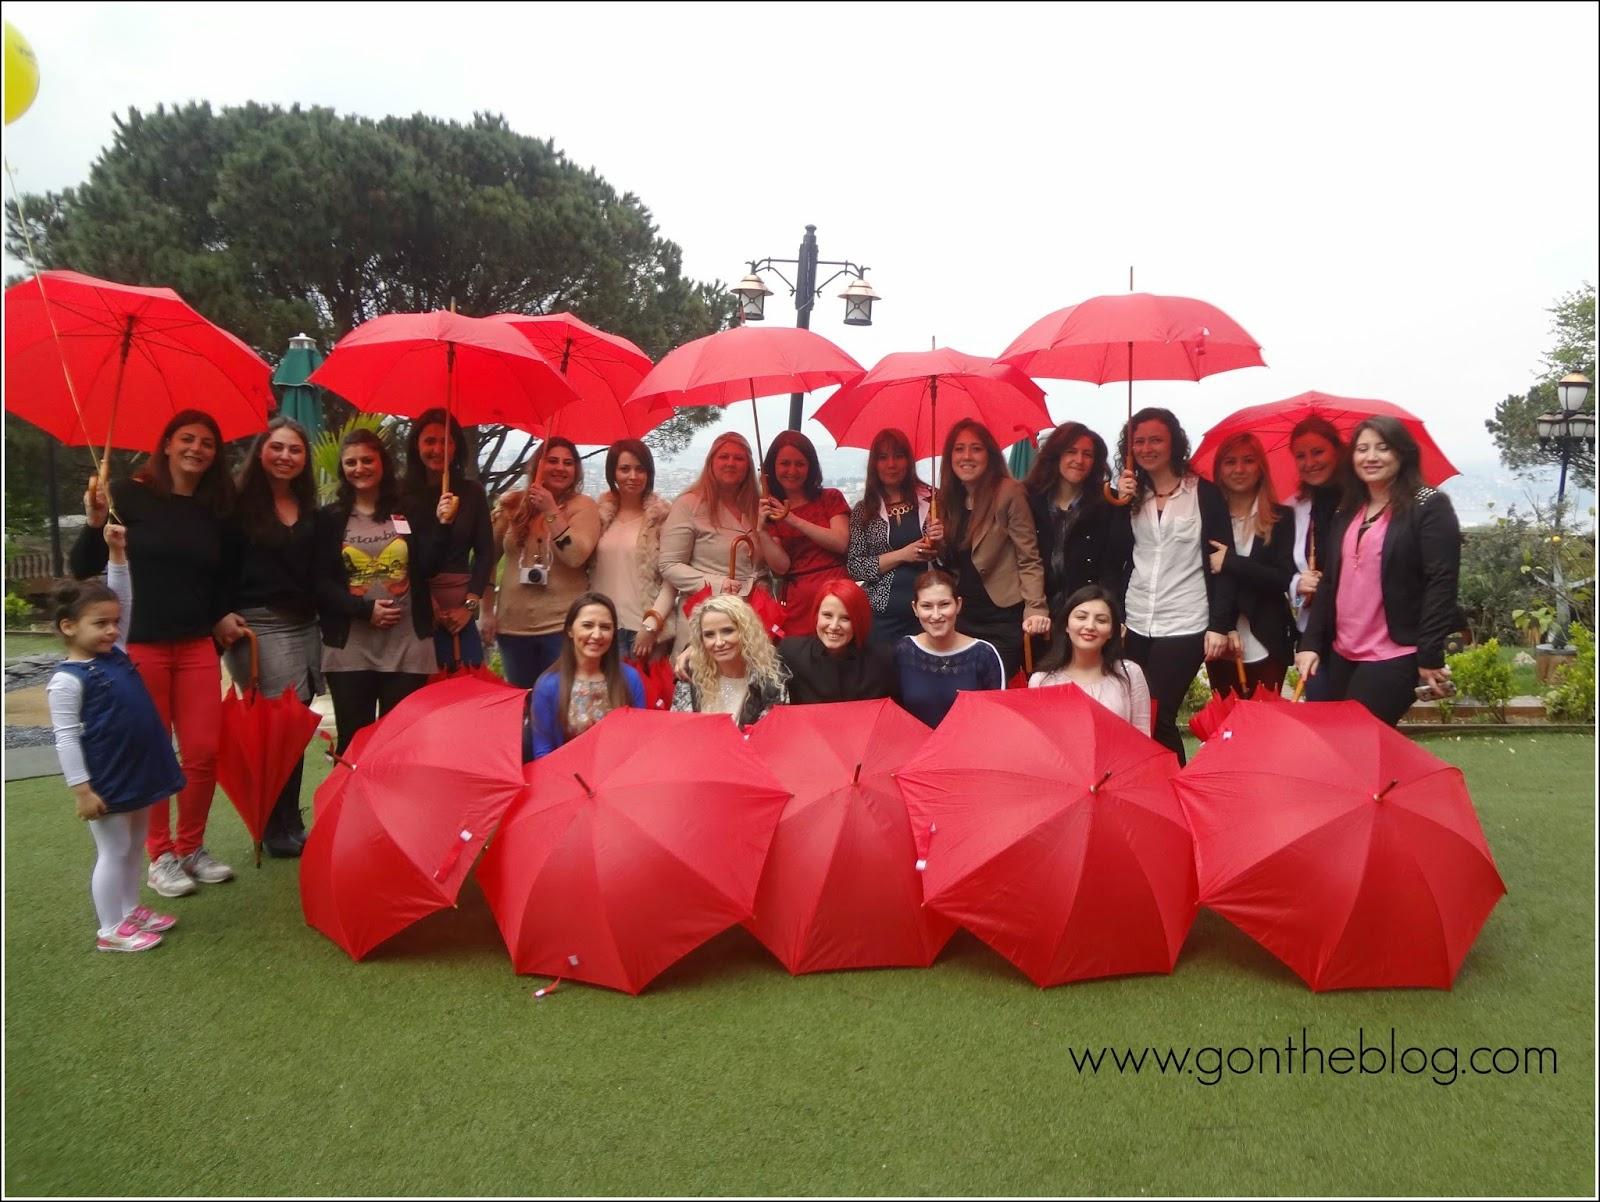 G.Etkinlikte! >>>Kırık Şemsiye İle Bahara Merhaba 2.Bölüm